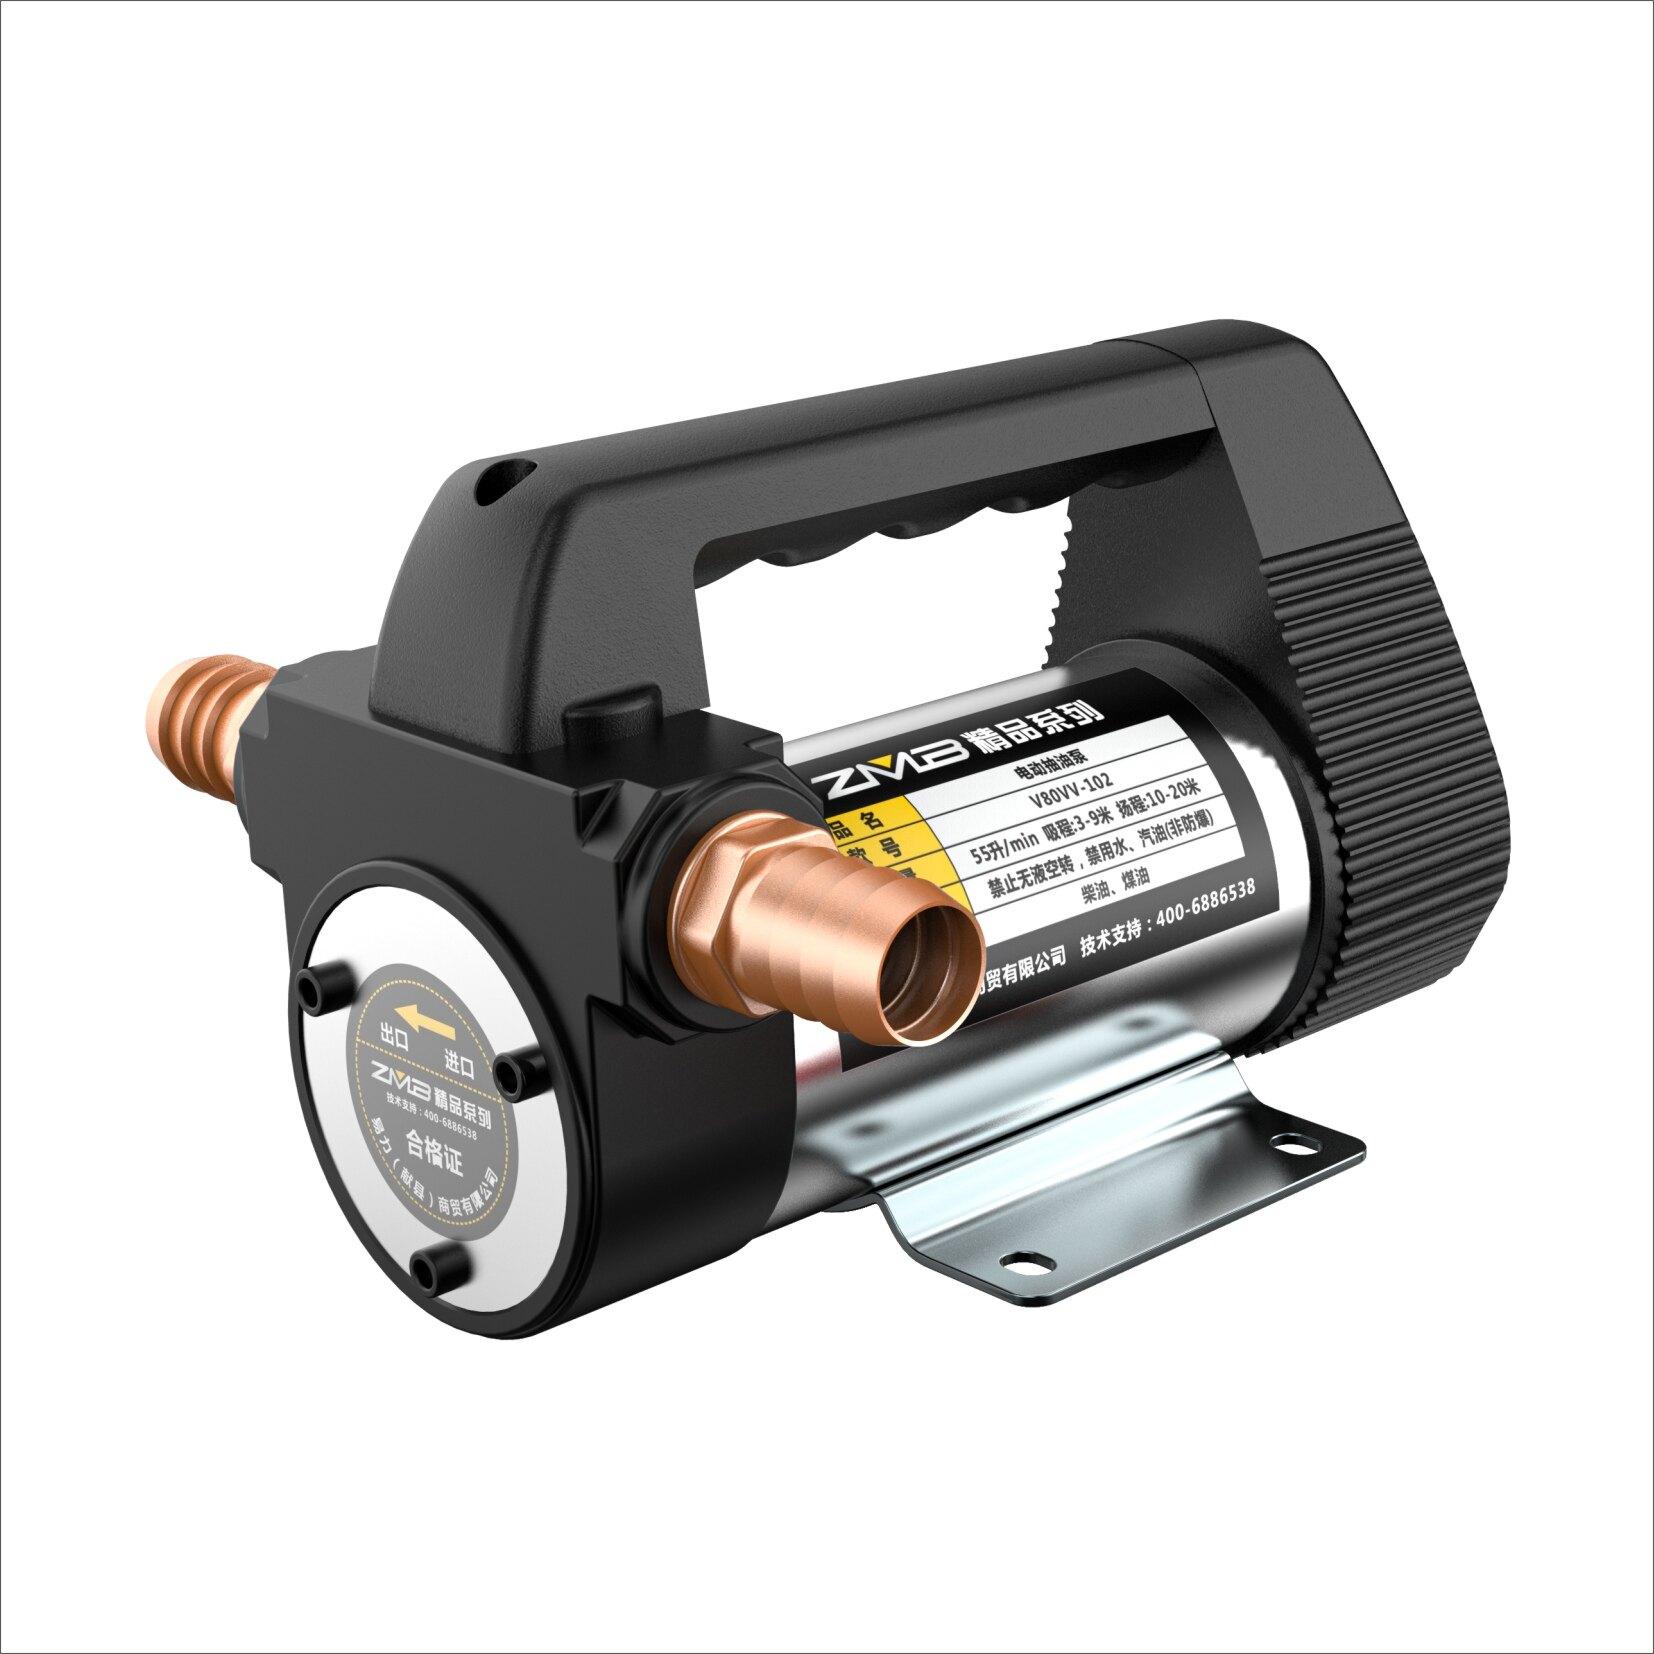 電動油泵 正反轉電動抽油泵12V24V伏自吸泵油泵直流柴油泵加油機抽油器【MJ6729】